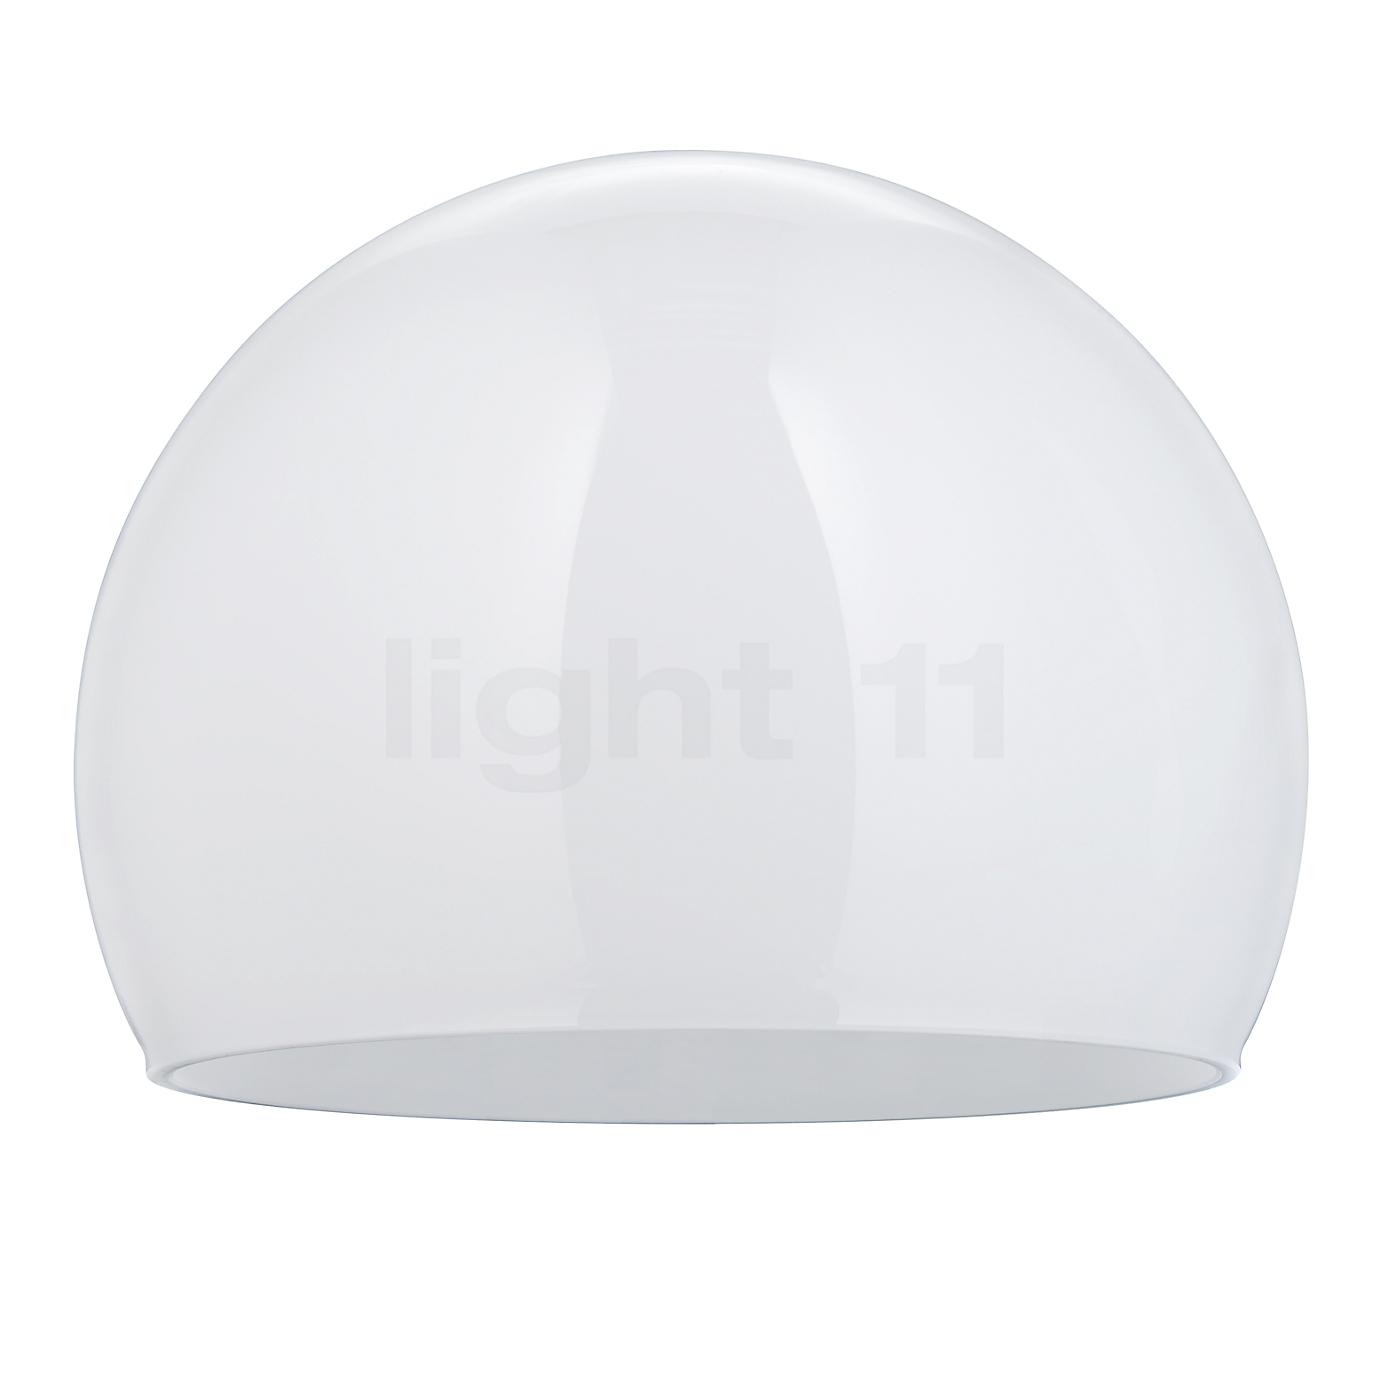 tecnolumen reserveonderdelen glazen bol voor wagenfeld lampe lampen verlichting. Black Bedroom Furniture Sets. Home Design Ideas